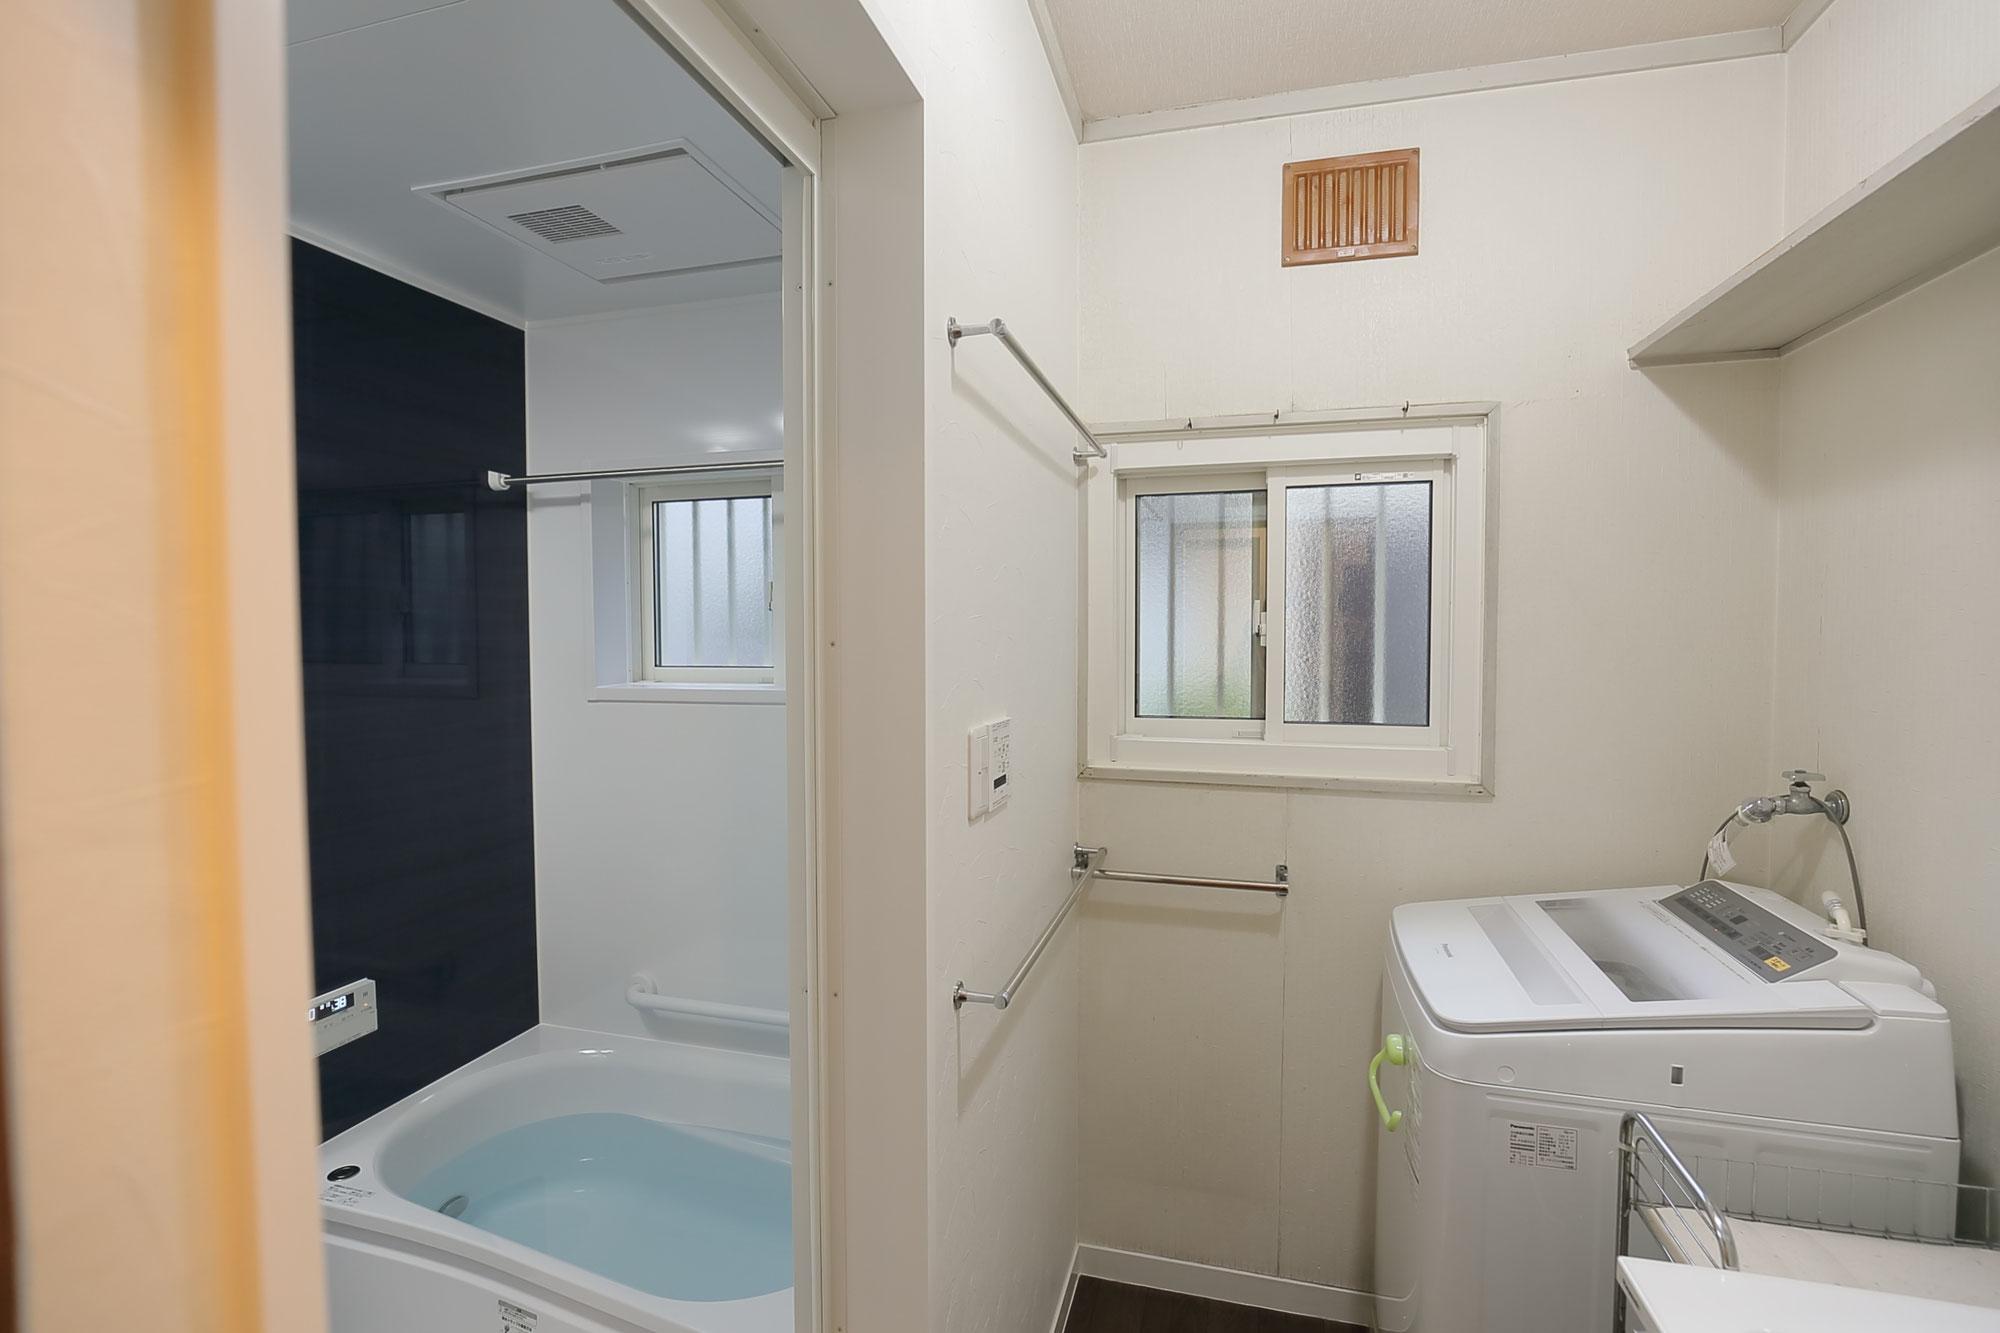 福岡市 浴室リフォーム・窓交換